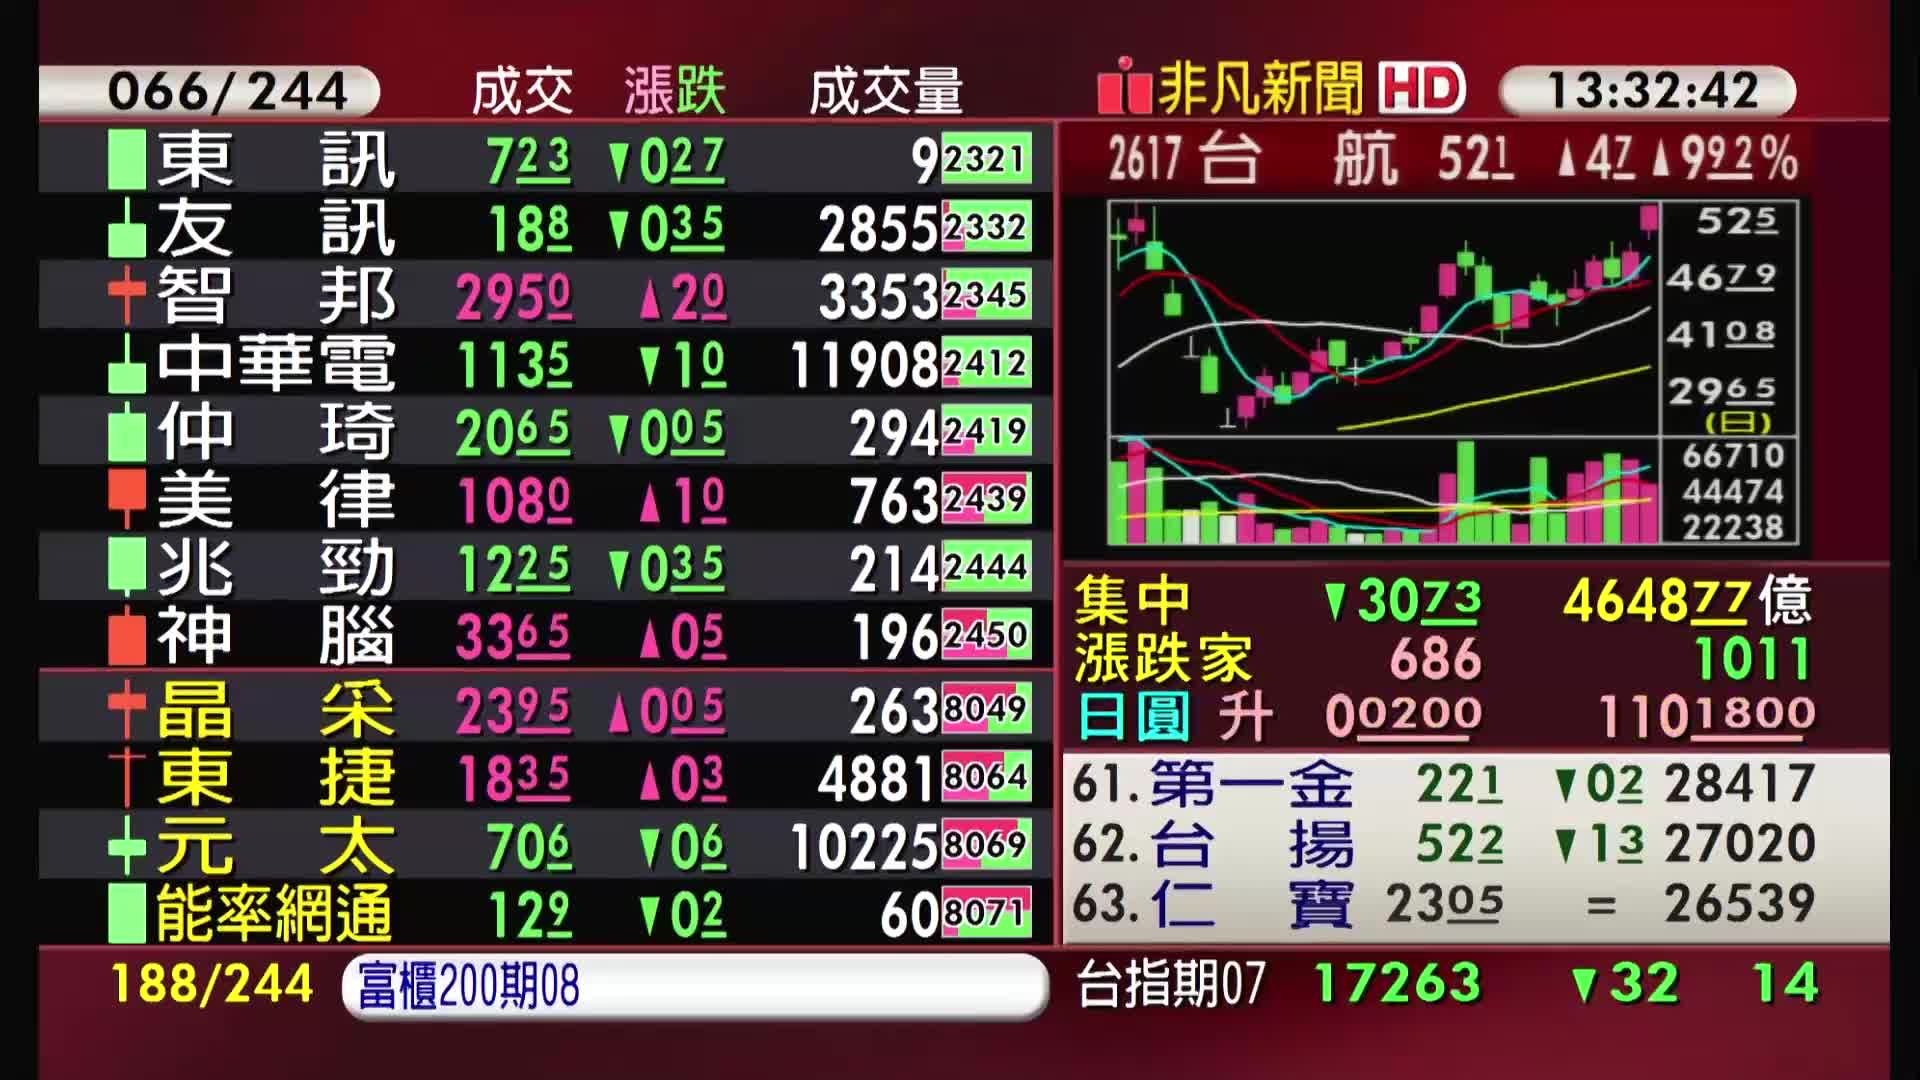 5分鐘看台股/2021/06/18收盤最前線